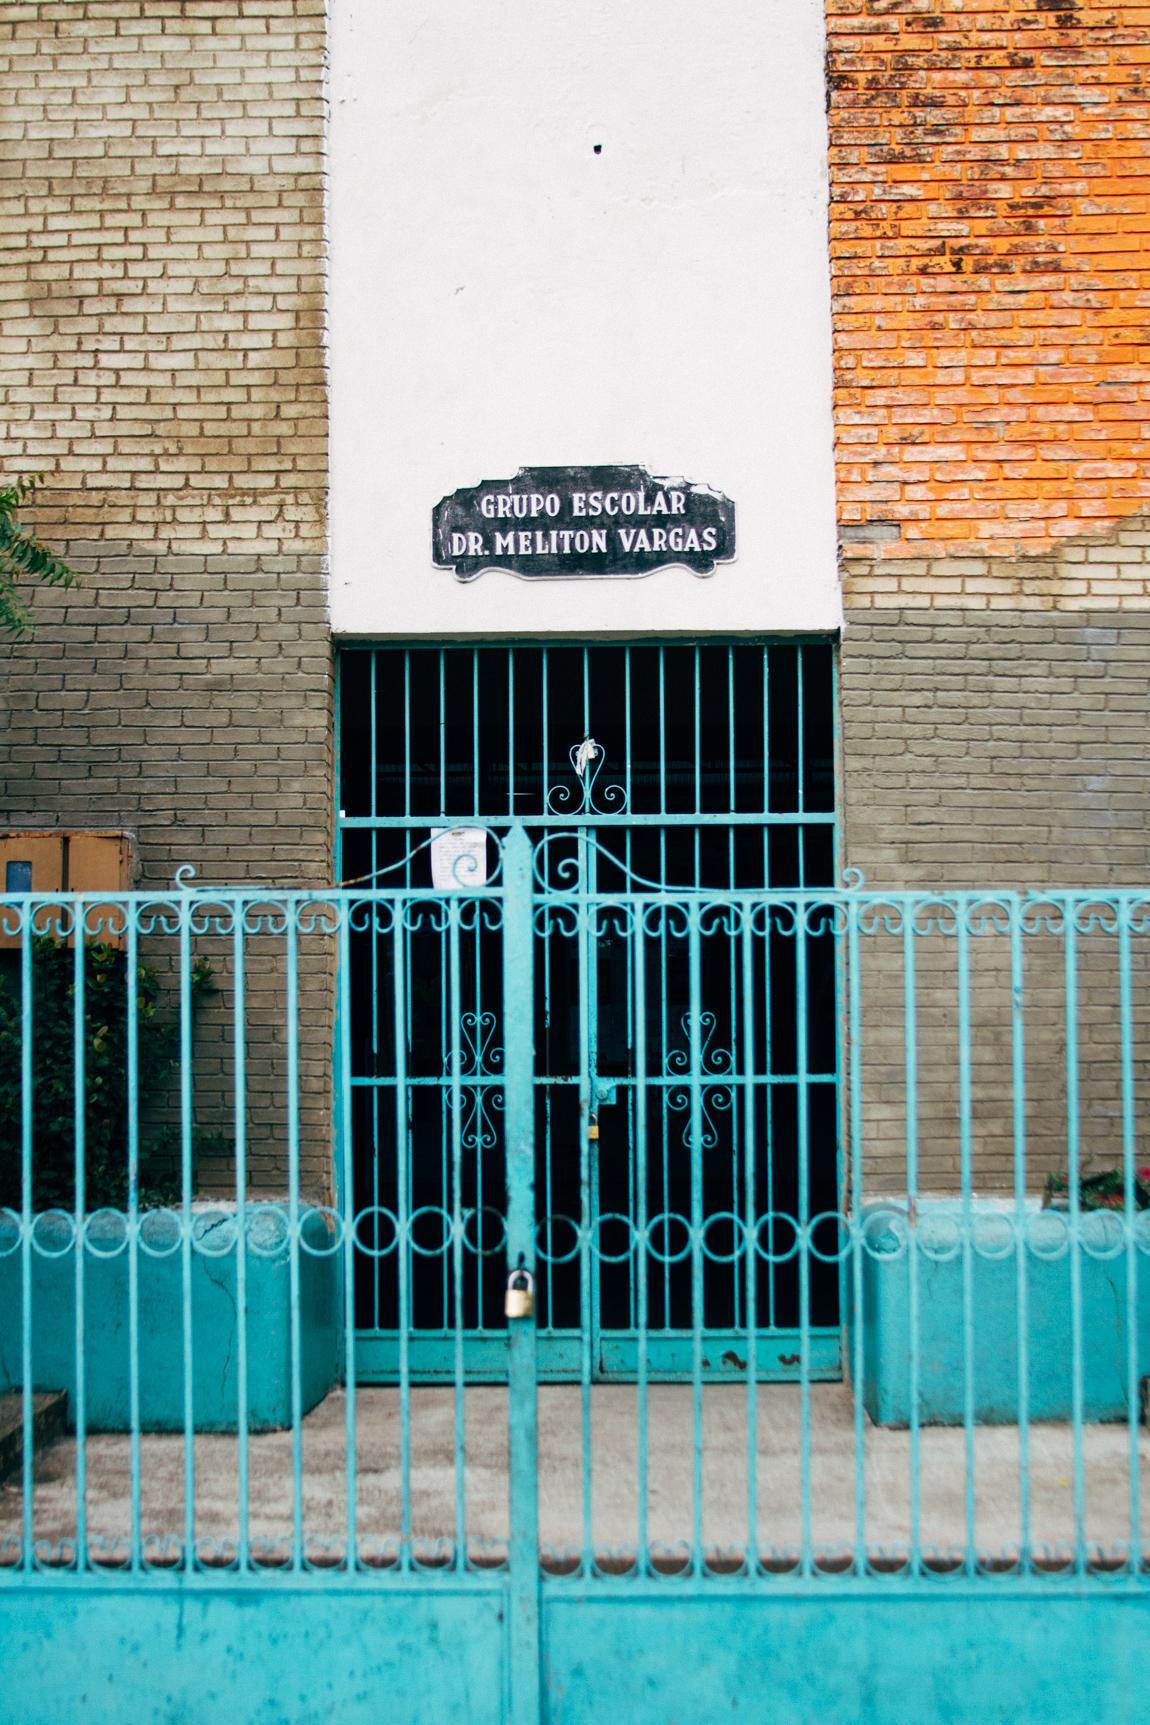 Paseo por los barrios del norte de Guanare II